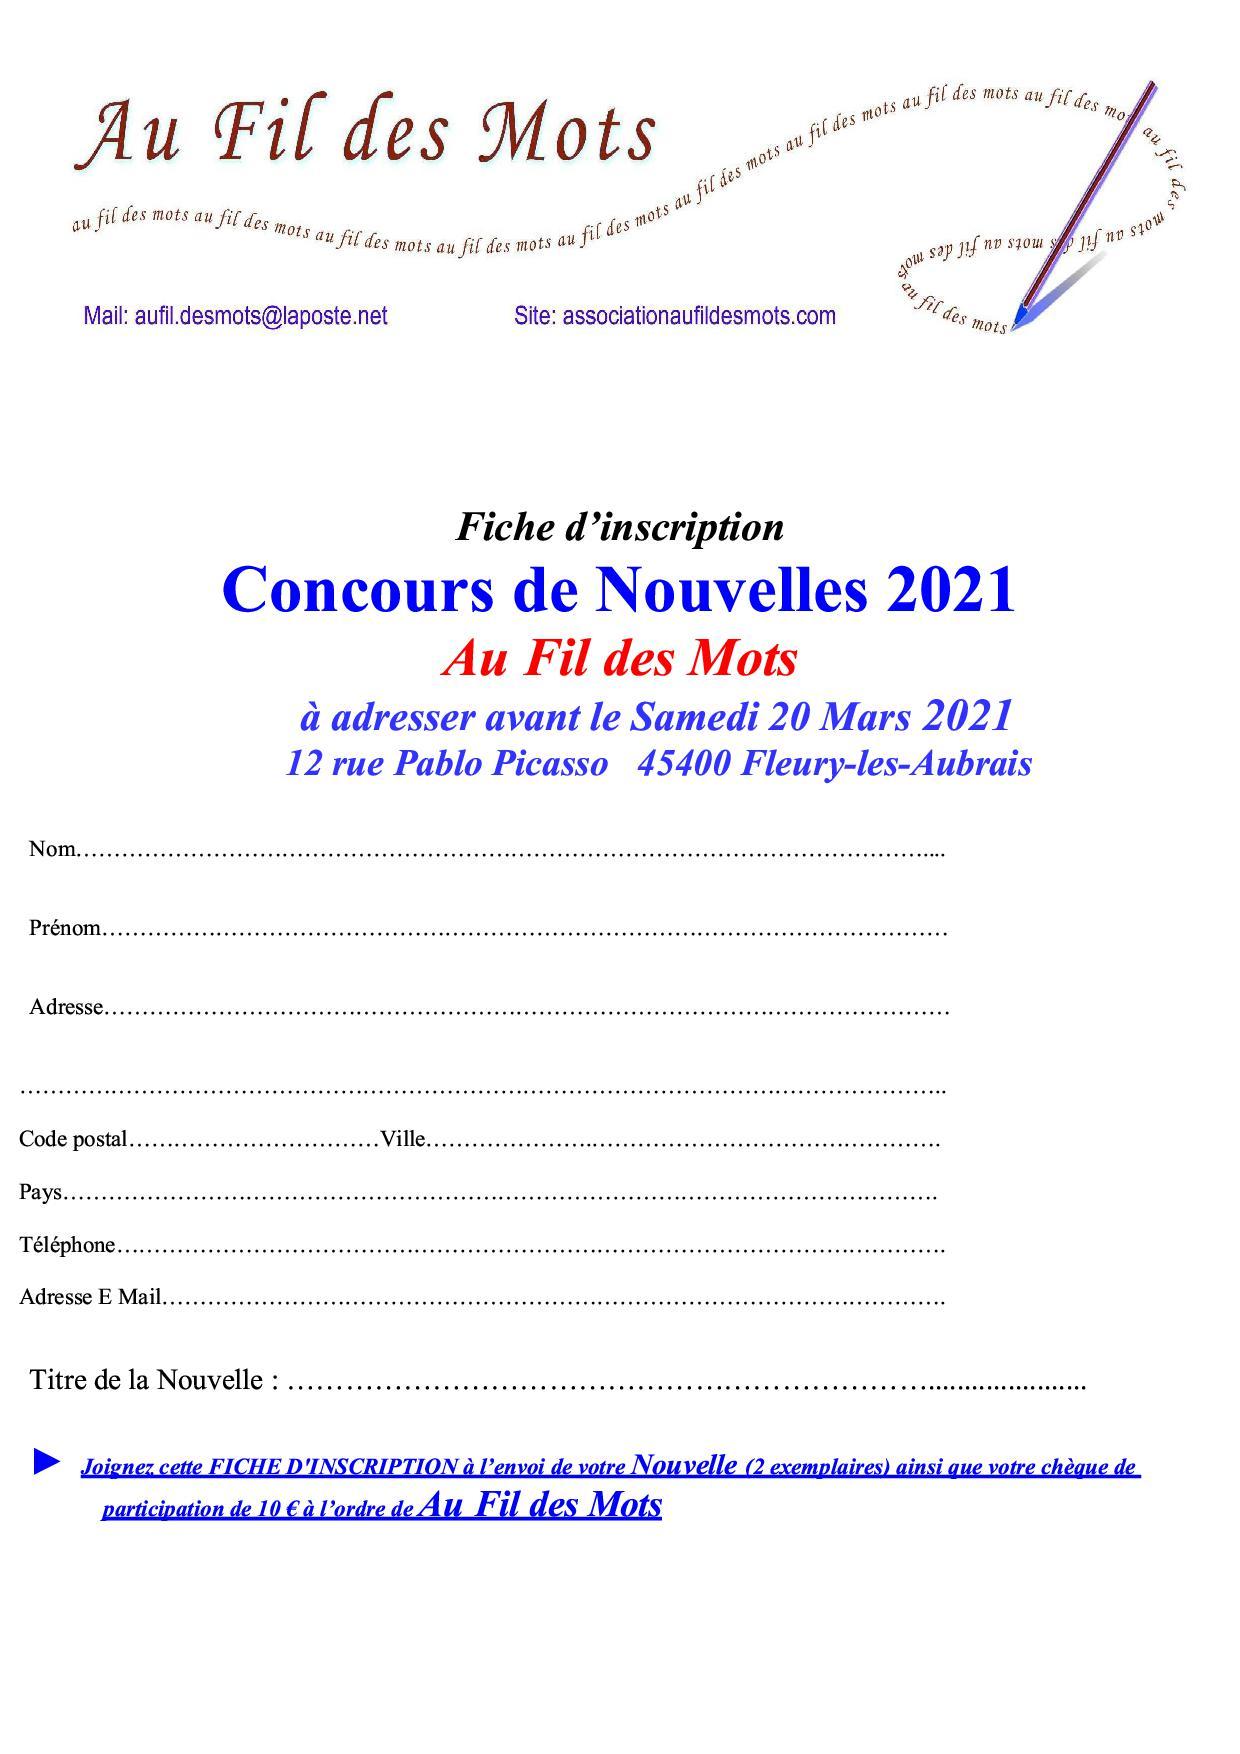 Réglement_Concours_20212.jpg